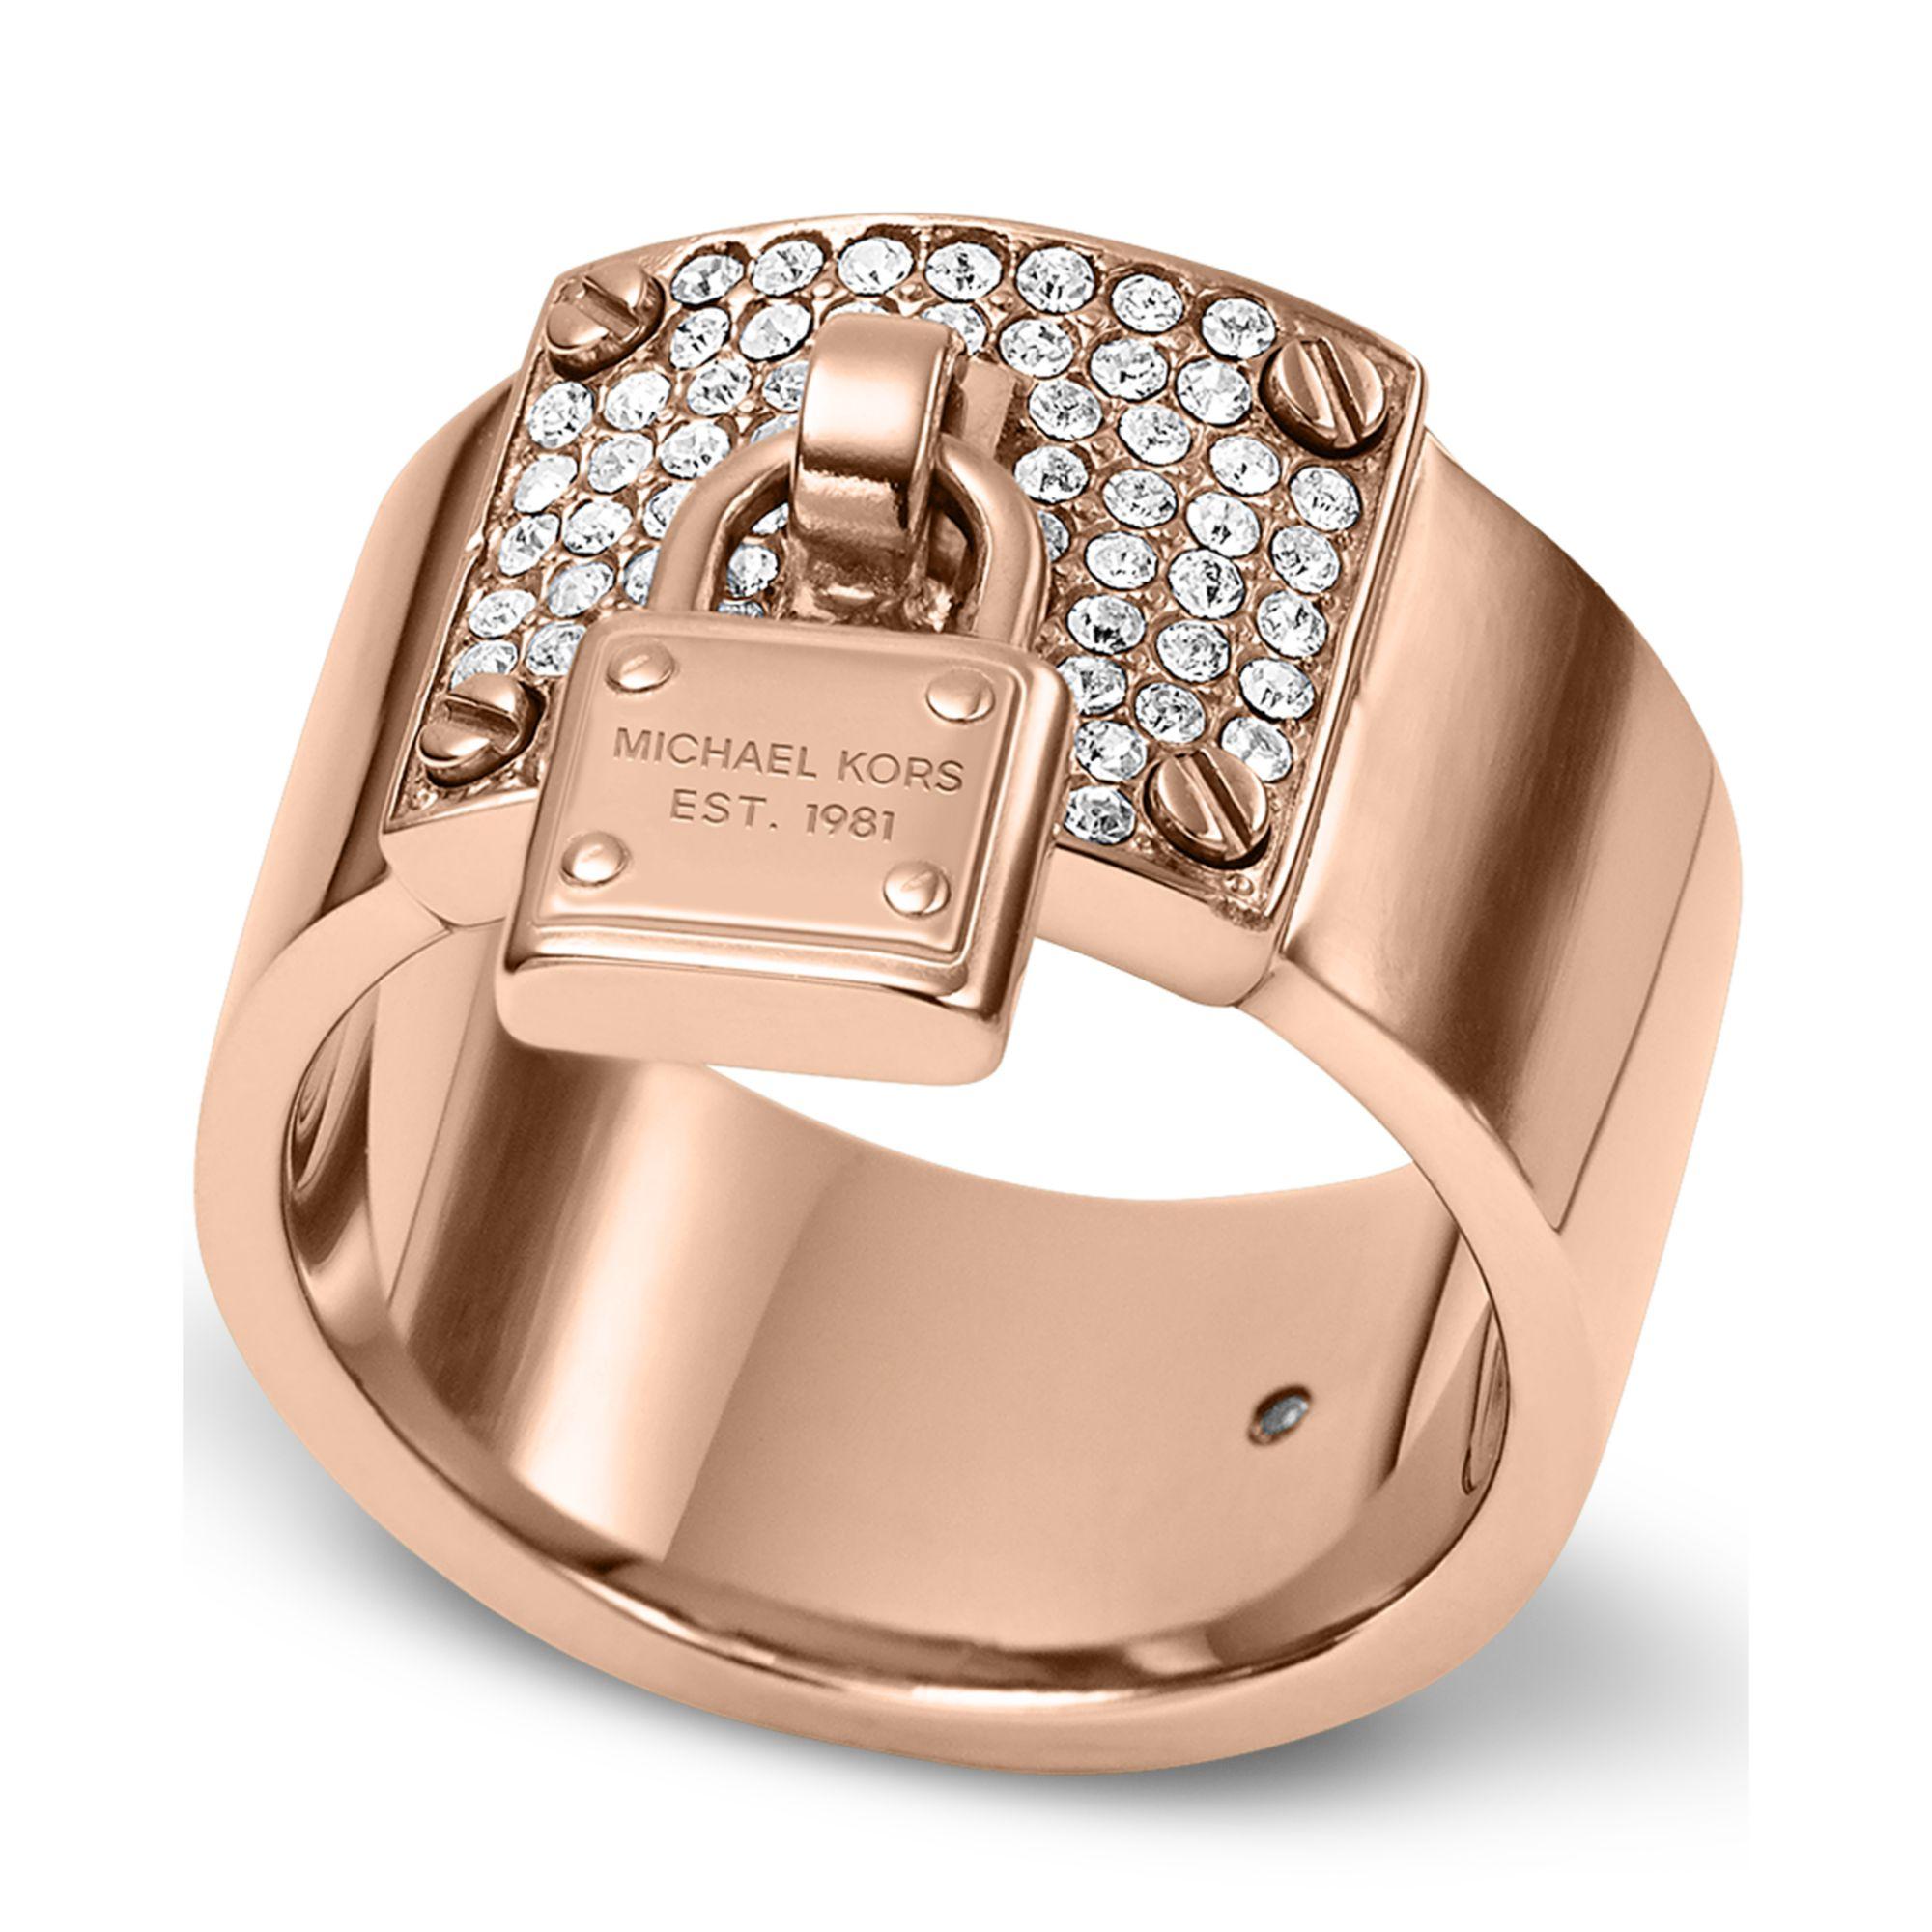 Michael Kors Lock Ring